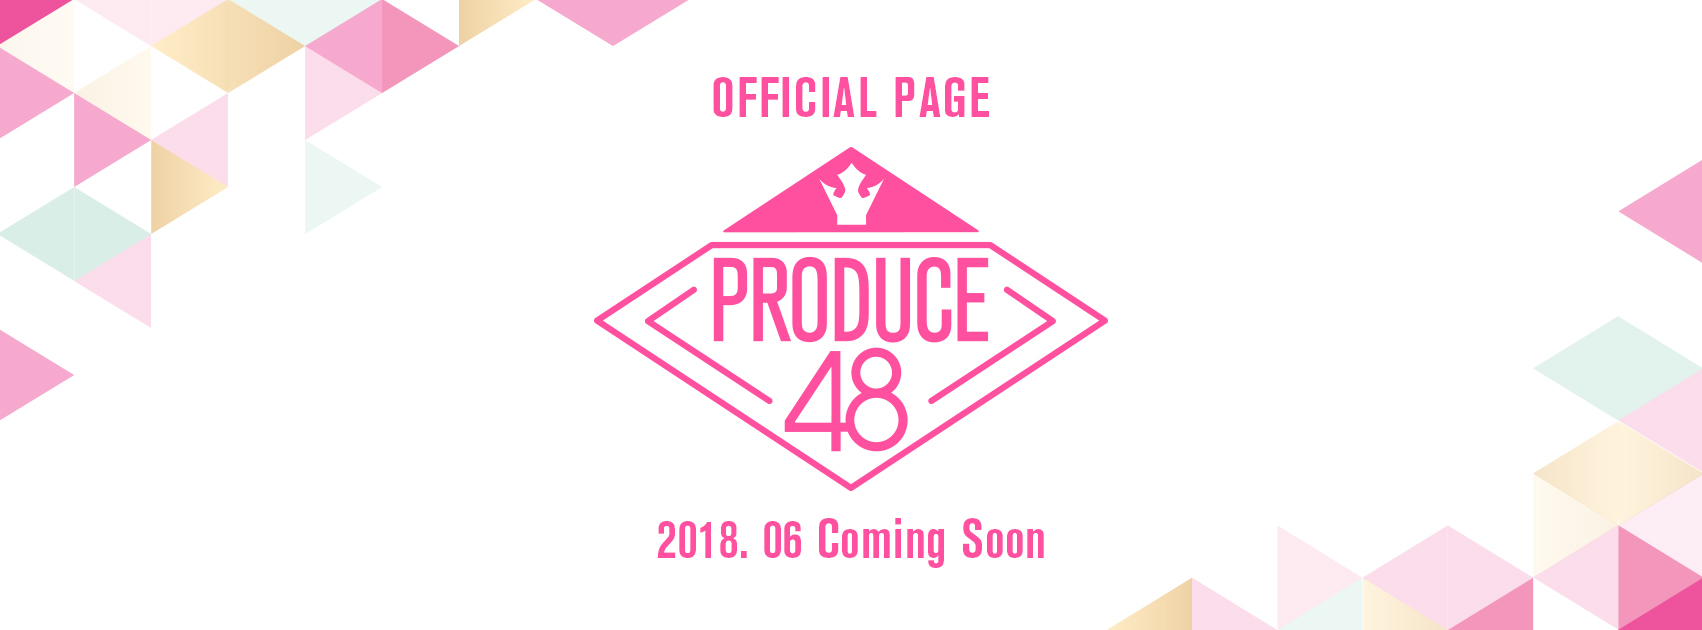 而最近《PRODUCE》第三季《PRODUCE48》將走跟以往兩季不同的路,這次不只要攻陷韓國市場,更與日本AKB48家族總製作人秋元康聯手合作,預計打造稱霸日韓的最強女團,而《PRODUCE48》更是在未播出前就討論度爆表